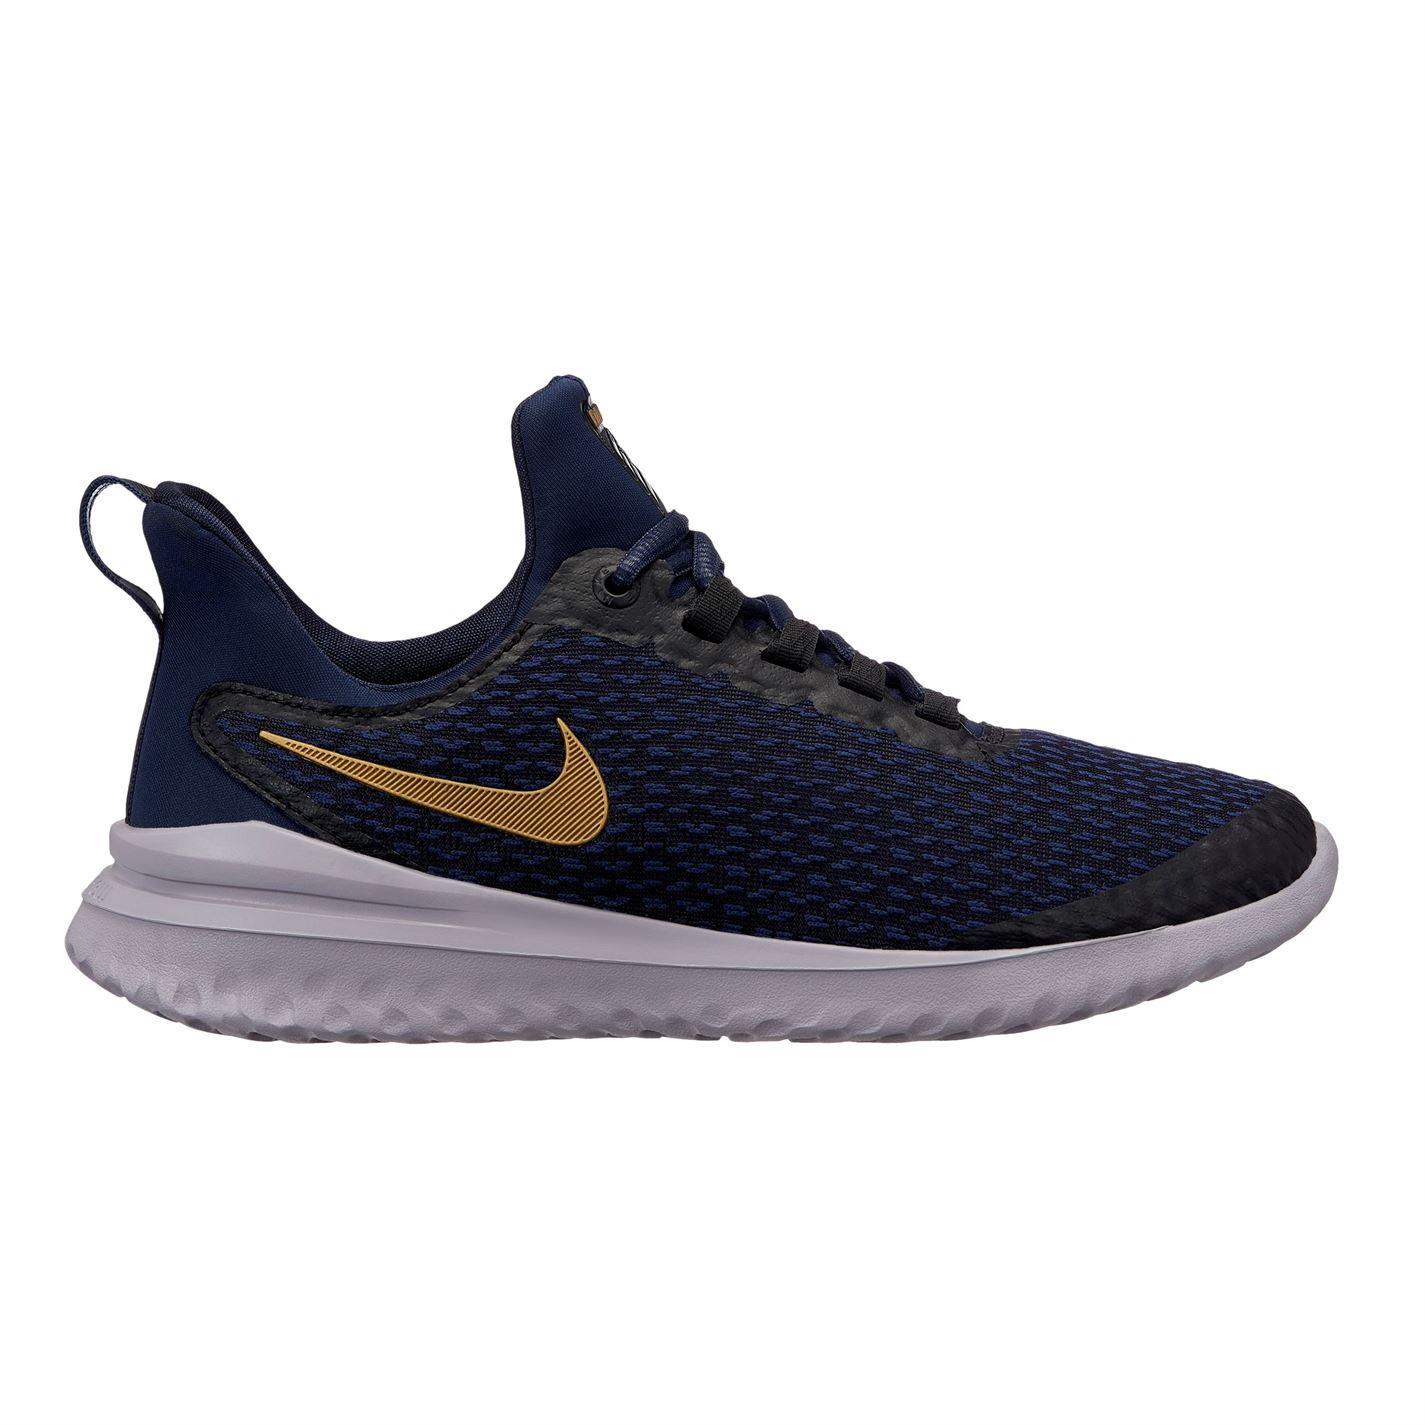 vendido en todo el mundo diseño hábil sitio web para descuento Zapatos Deportivos Nike renovar rival para Mujer Jogging ...